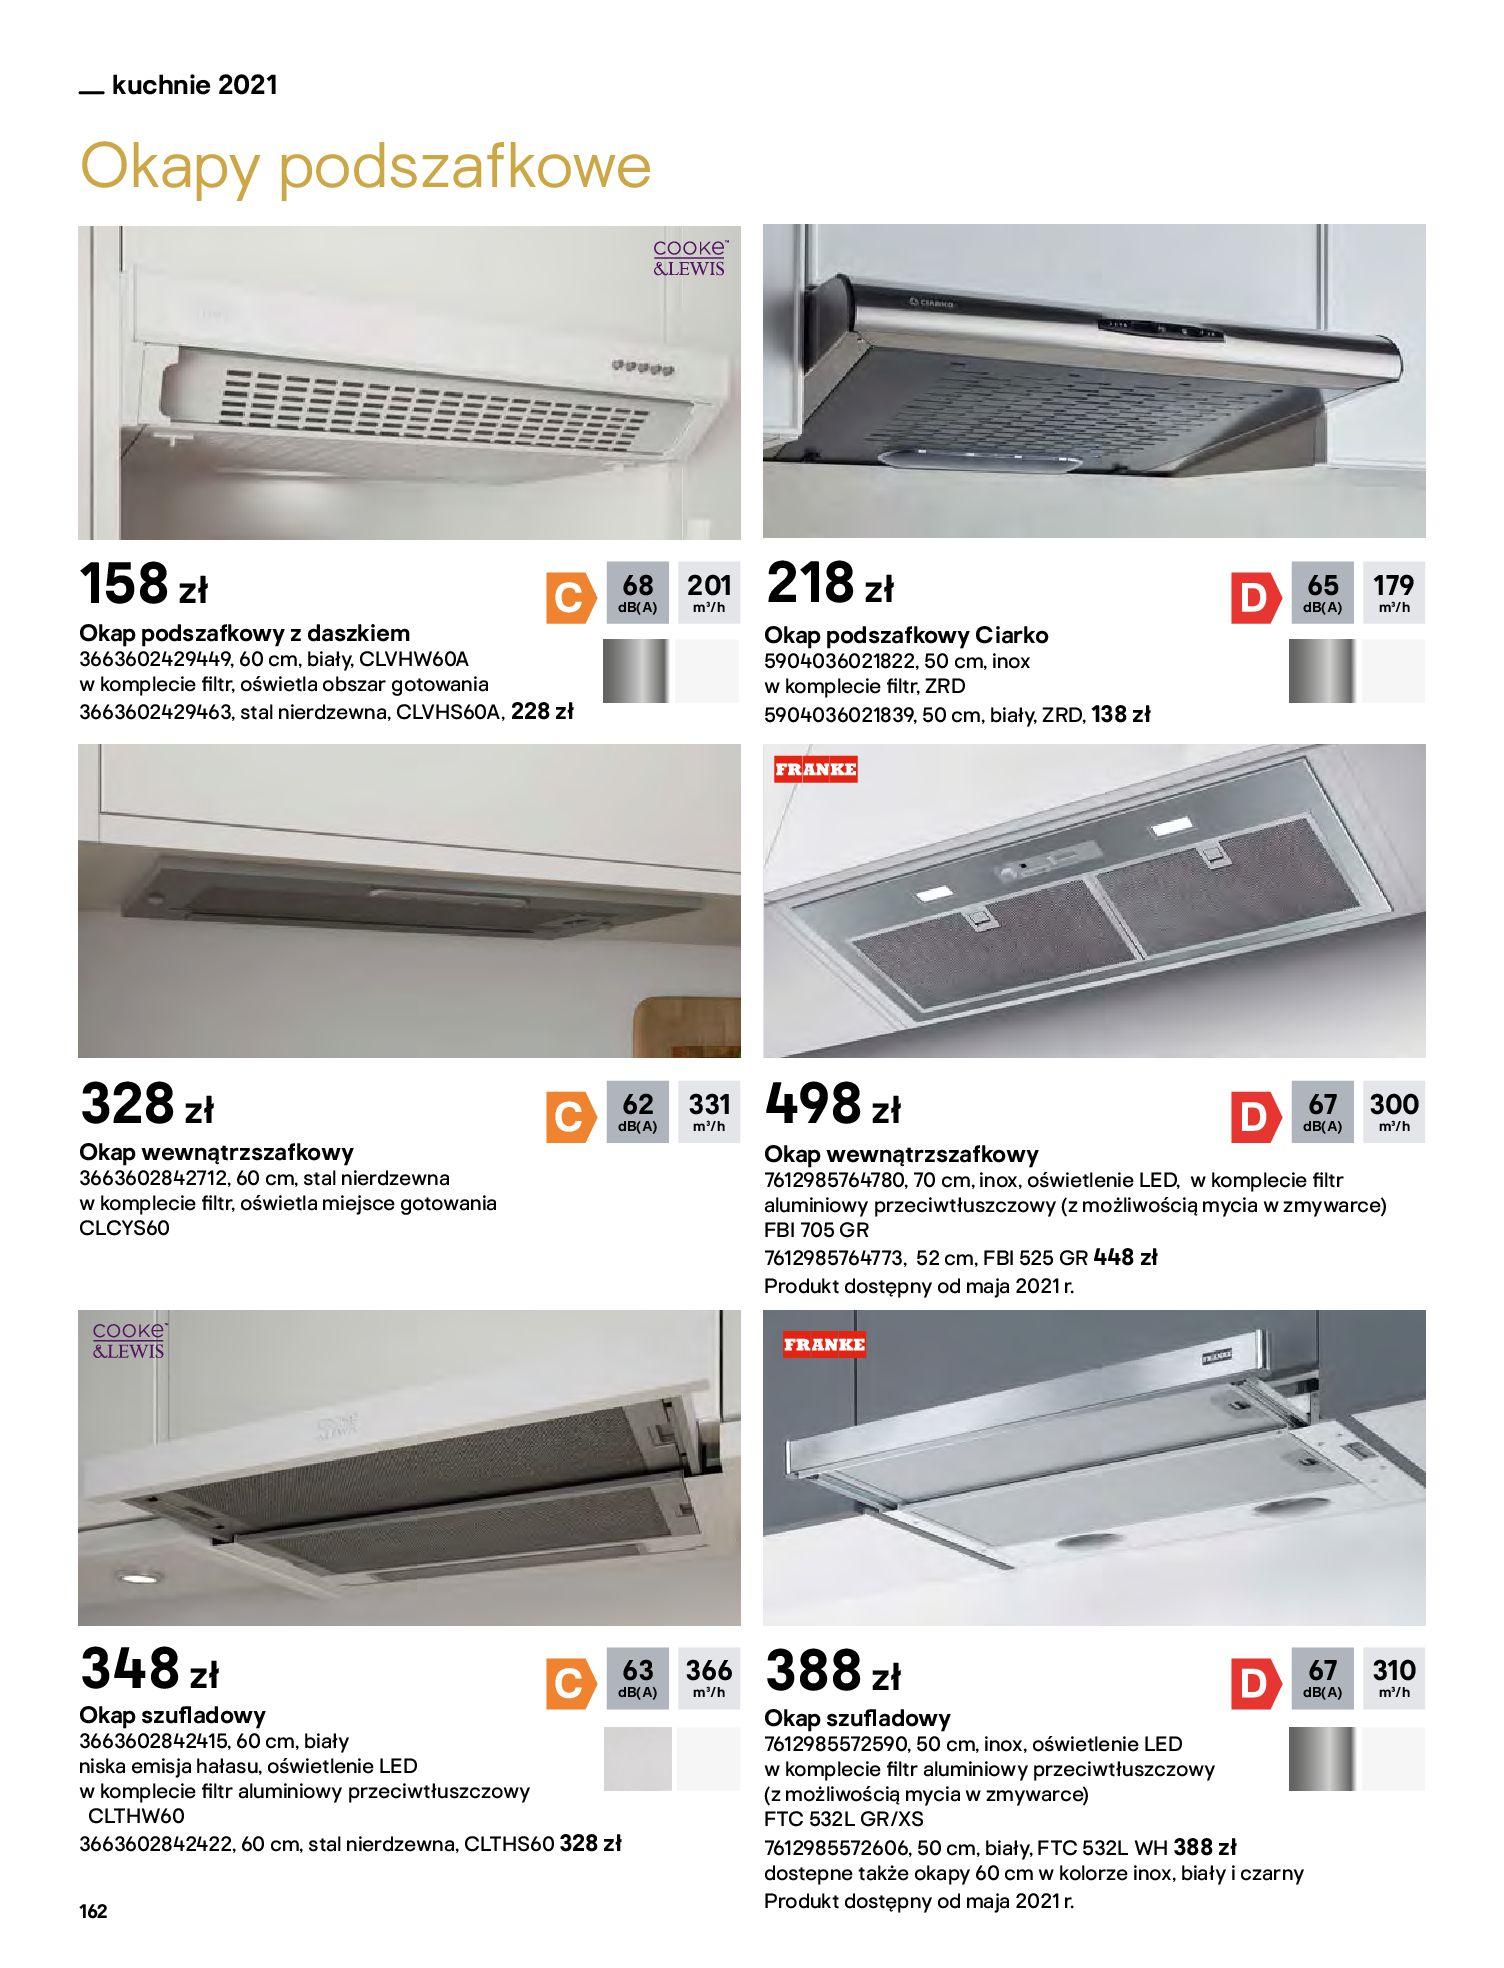 Gazetka Castorama: Katalog kuchnie 2021 2021-05-04 page-162